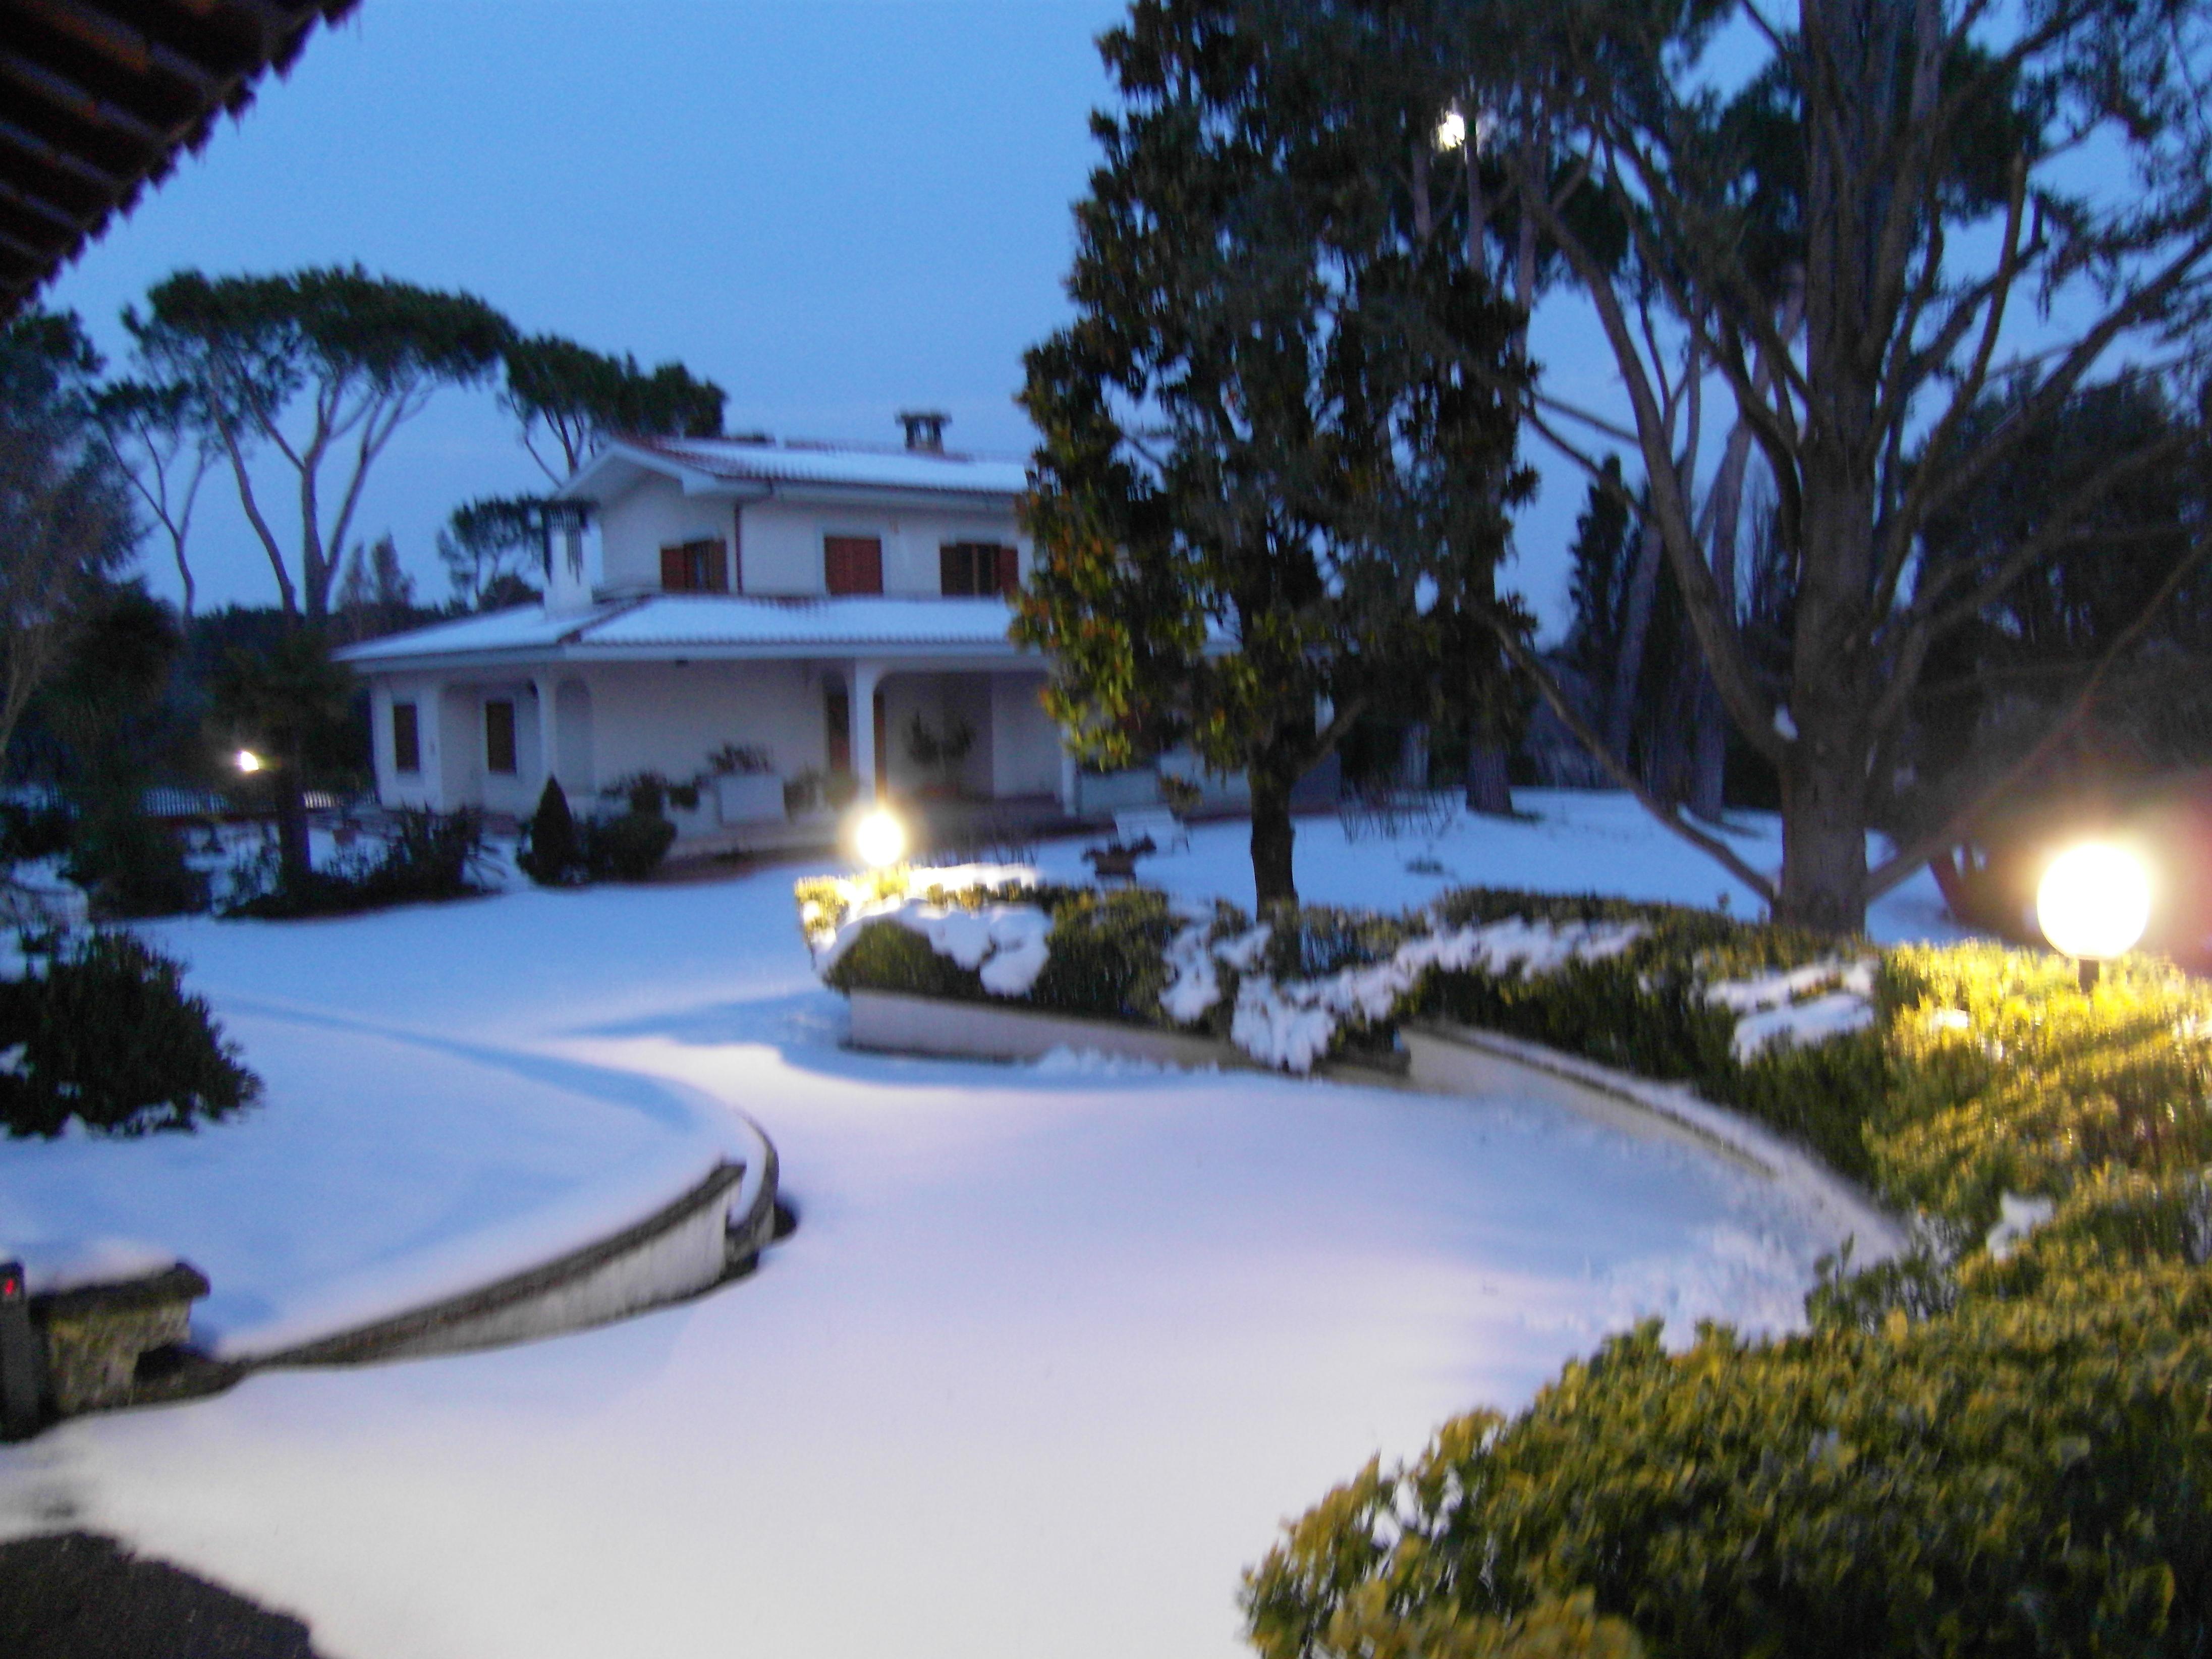 La neve a Villa Chauvet